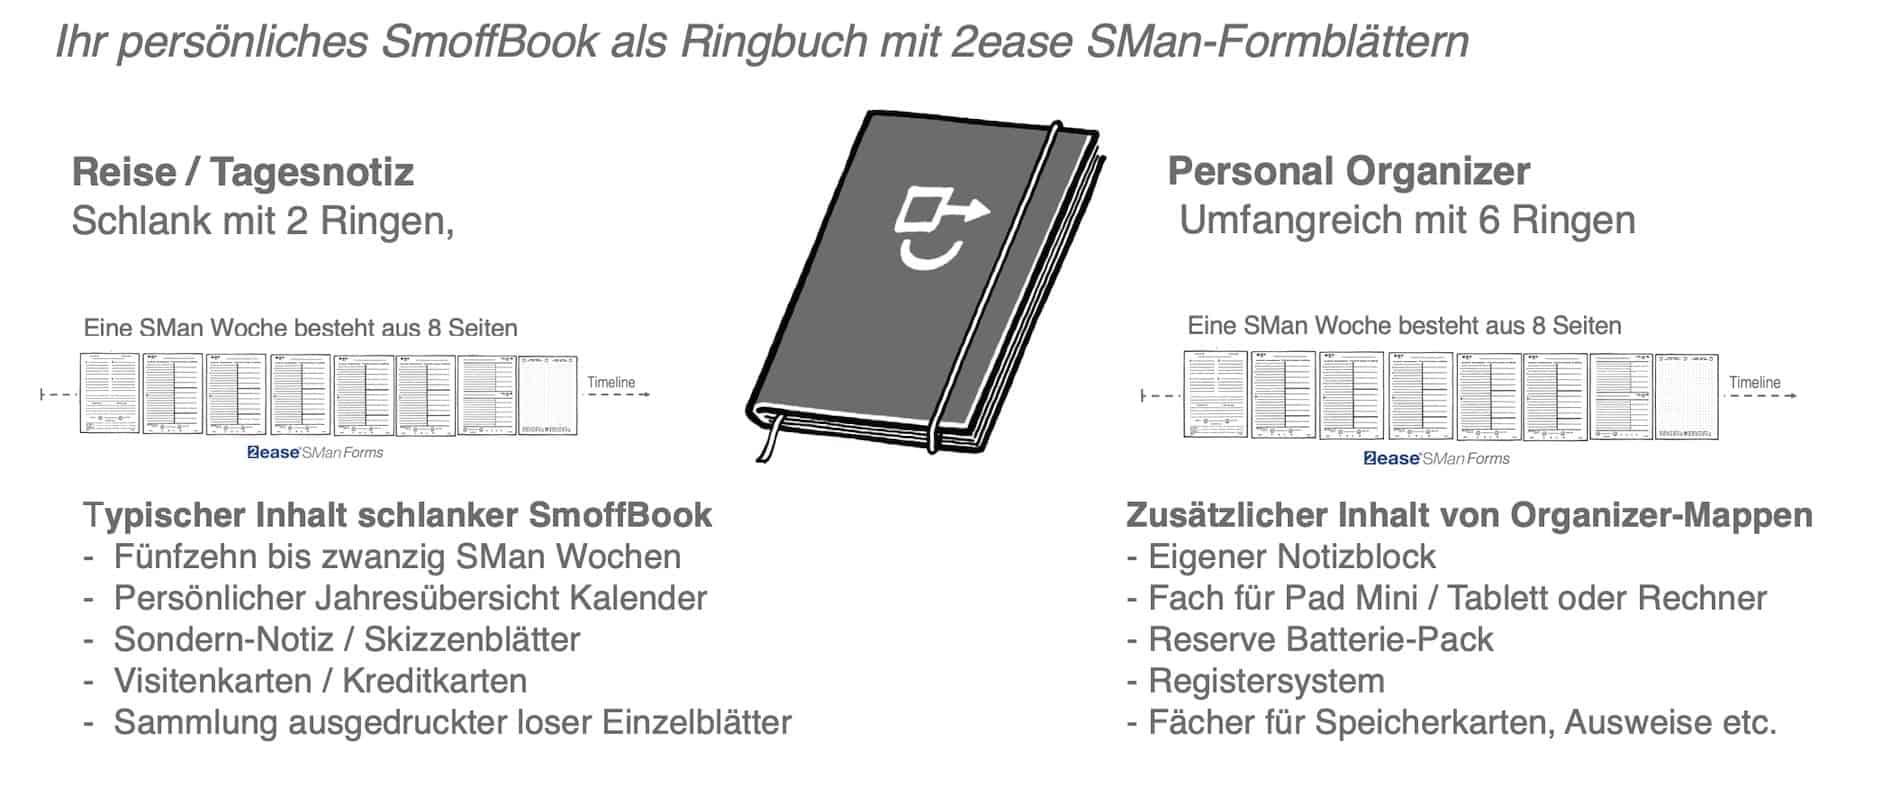 SmoffBook Formate und Inhalte